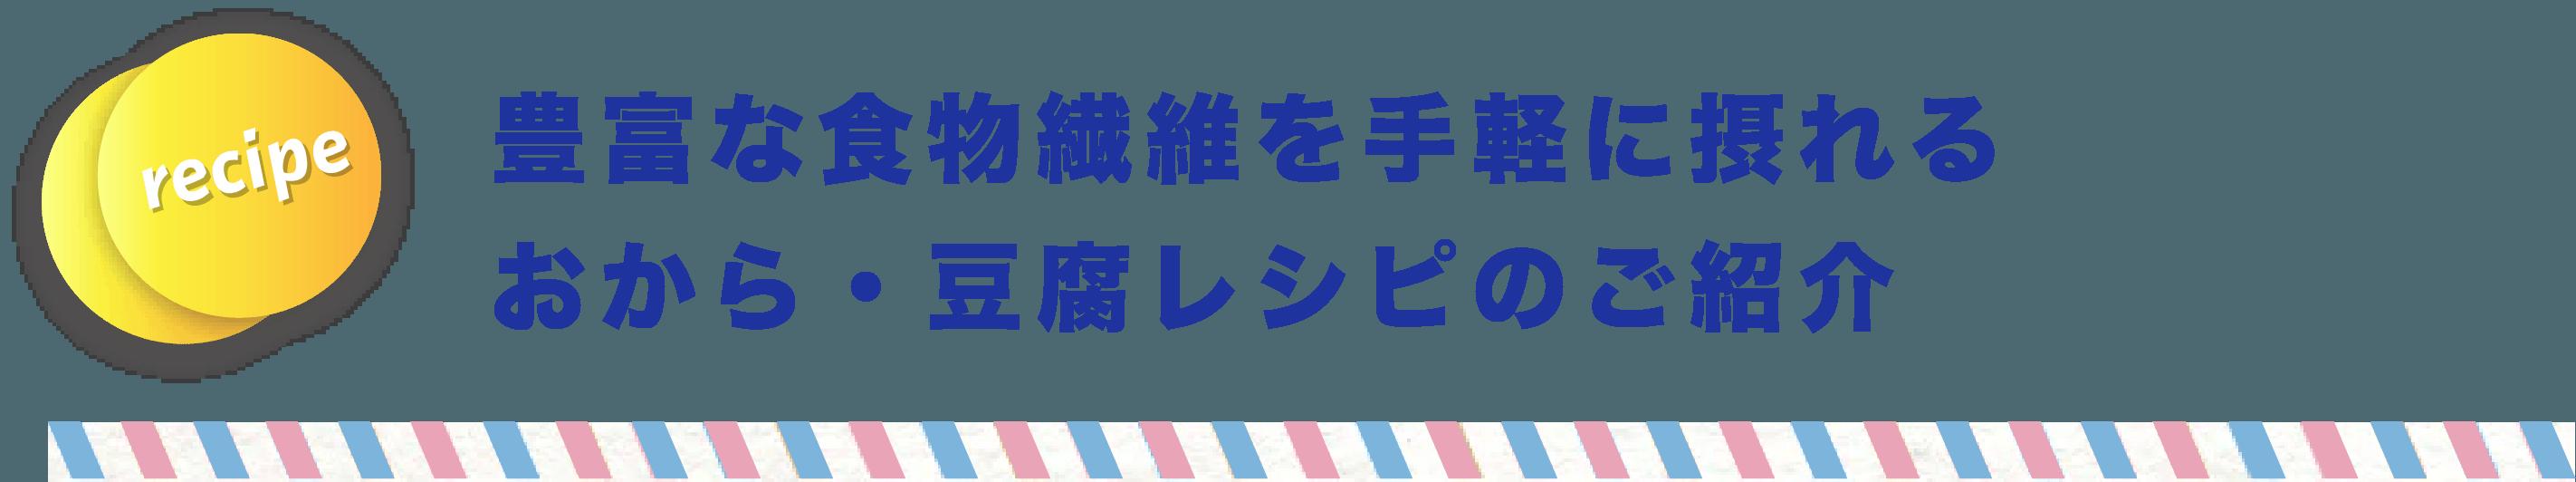 vol.7_recipe_title